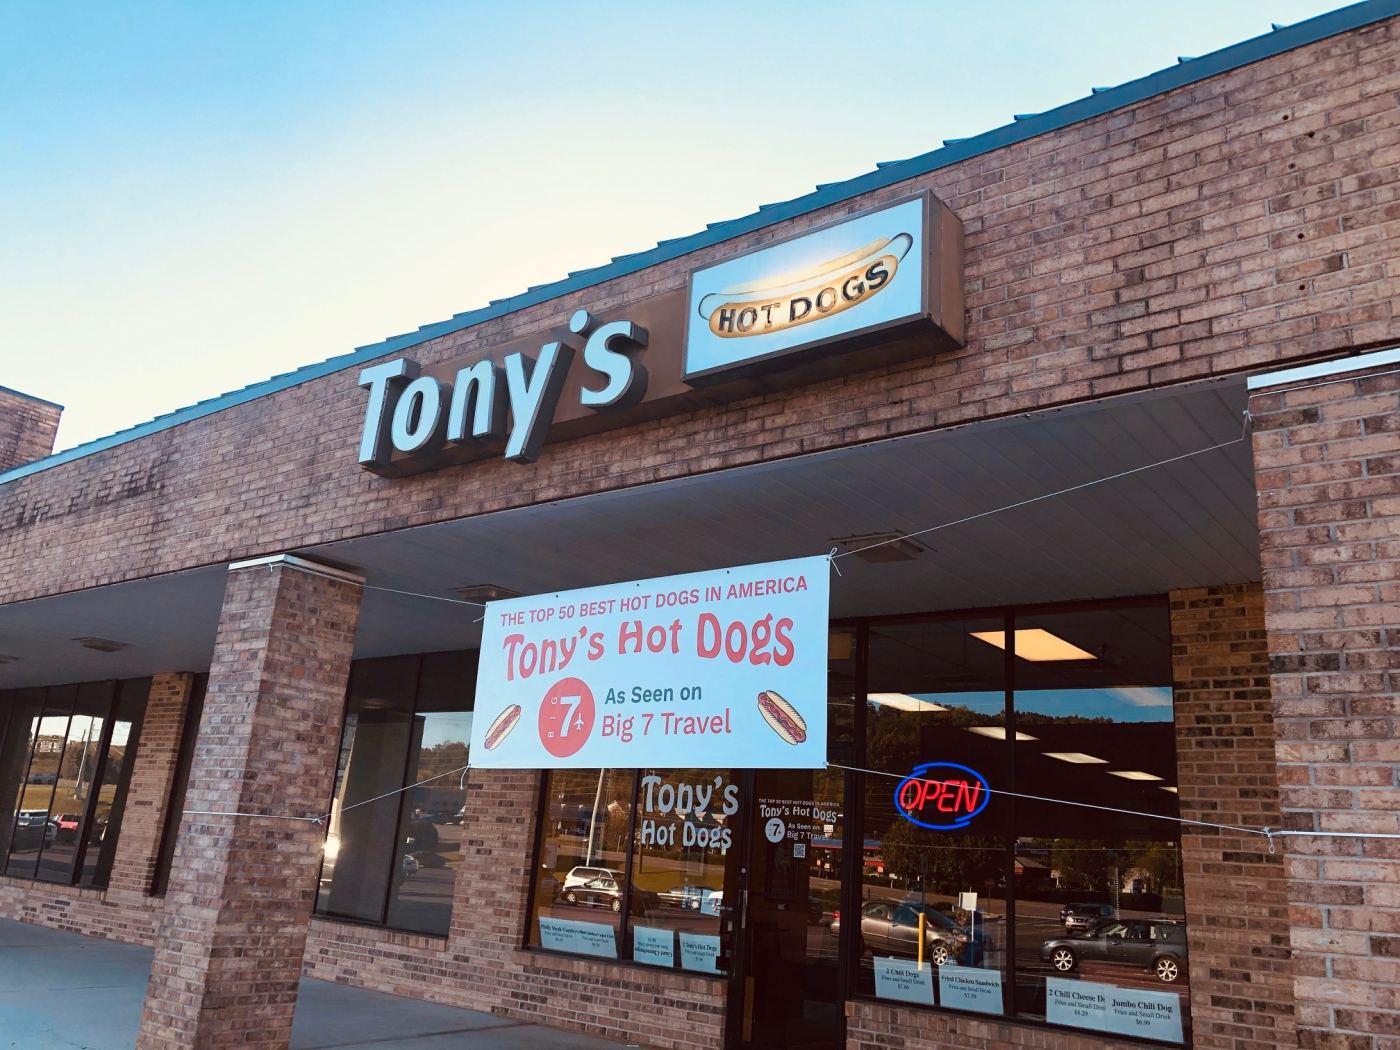 Tony's Hot Dogs